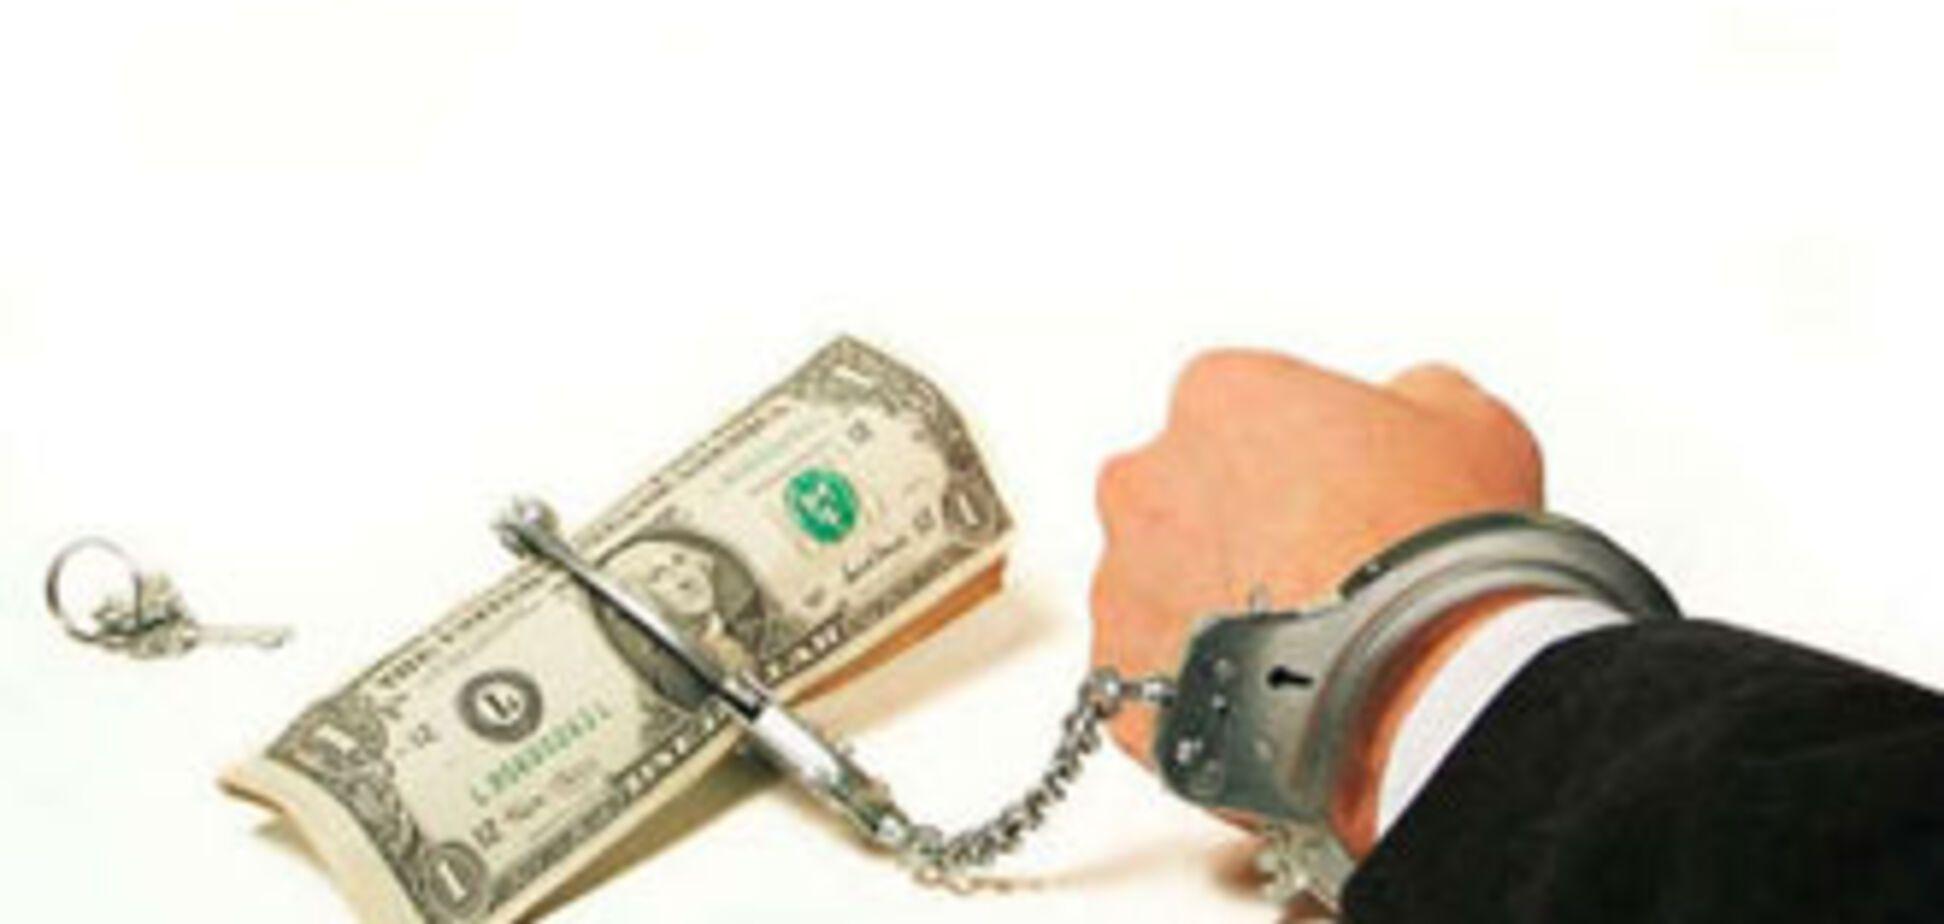 НБУ в три раза повысил штрафы для банков